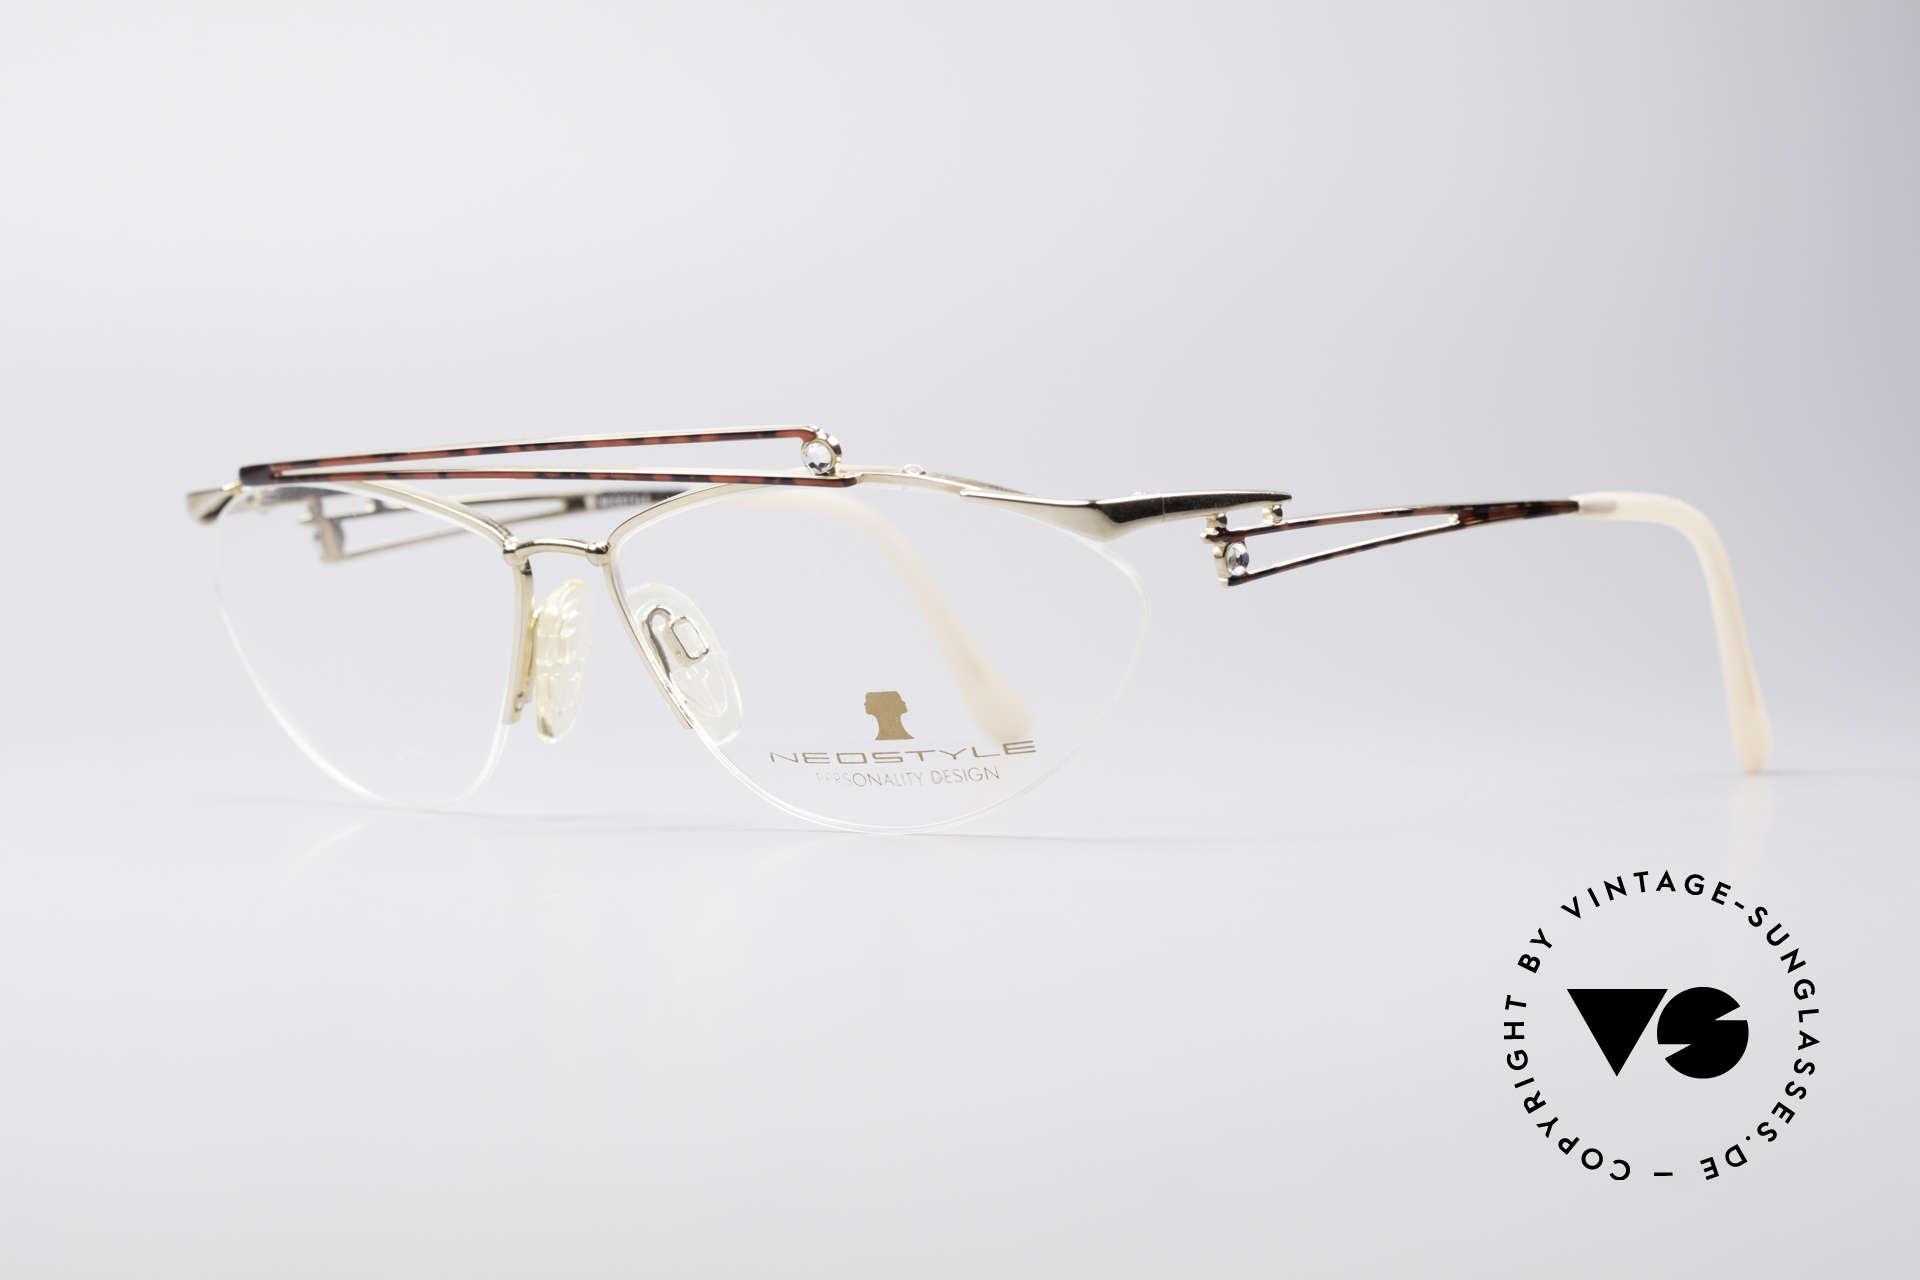 Neostyle Jet 221 Schmuckstein Vintage Brille, subtile Lackierung in einem kastanienbraunen Muster, Passend für Damen